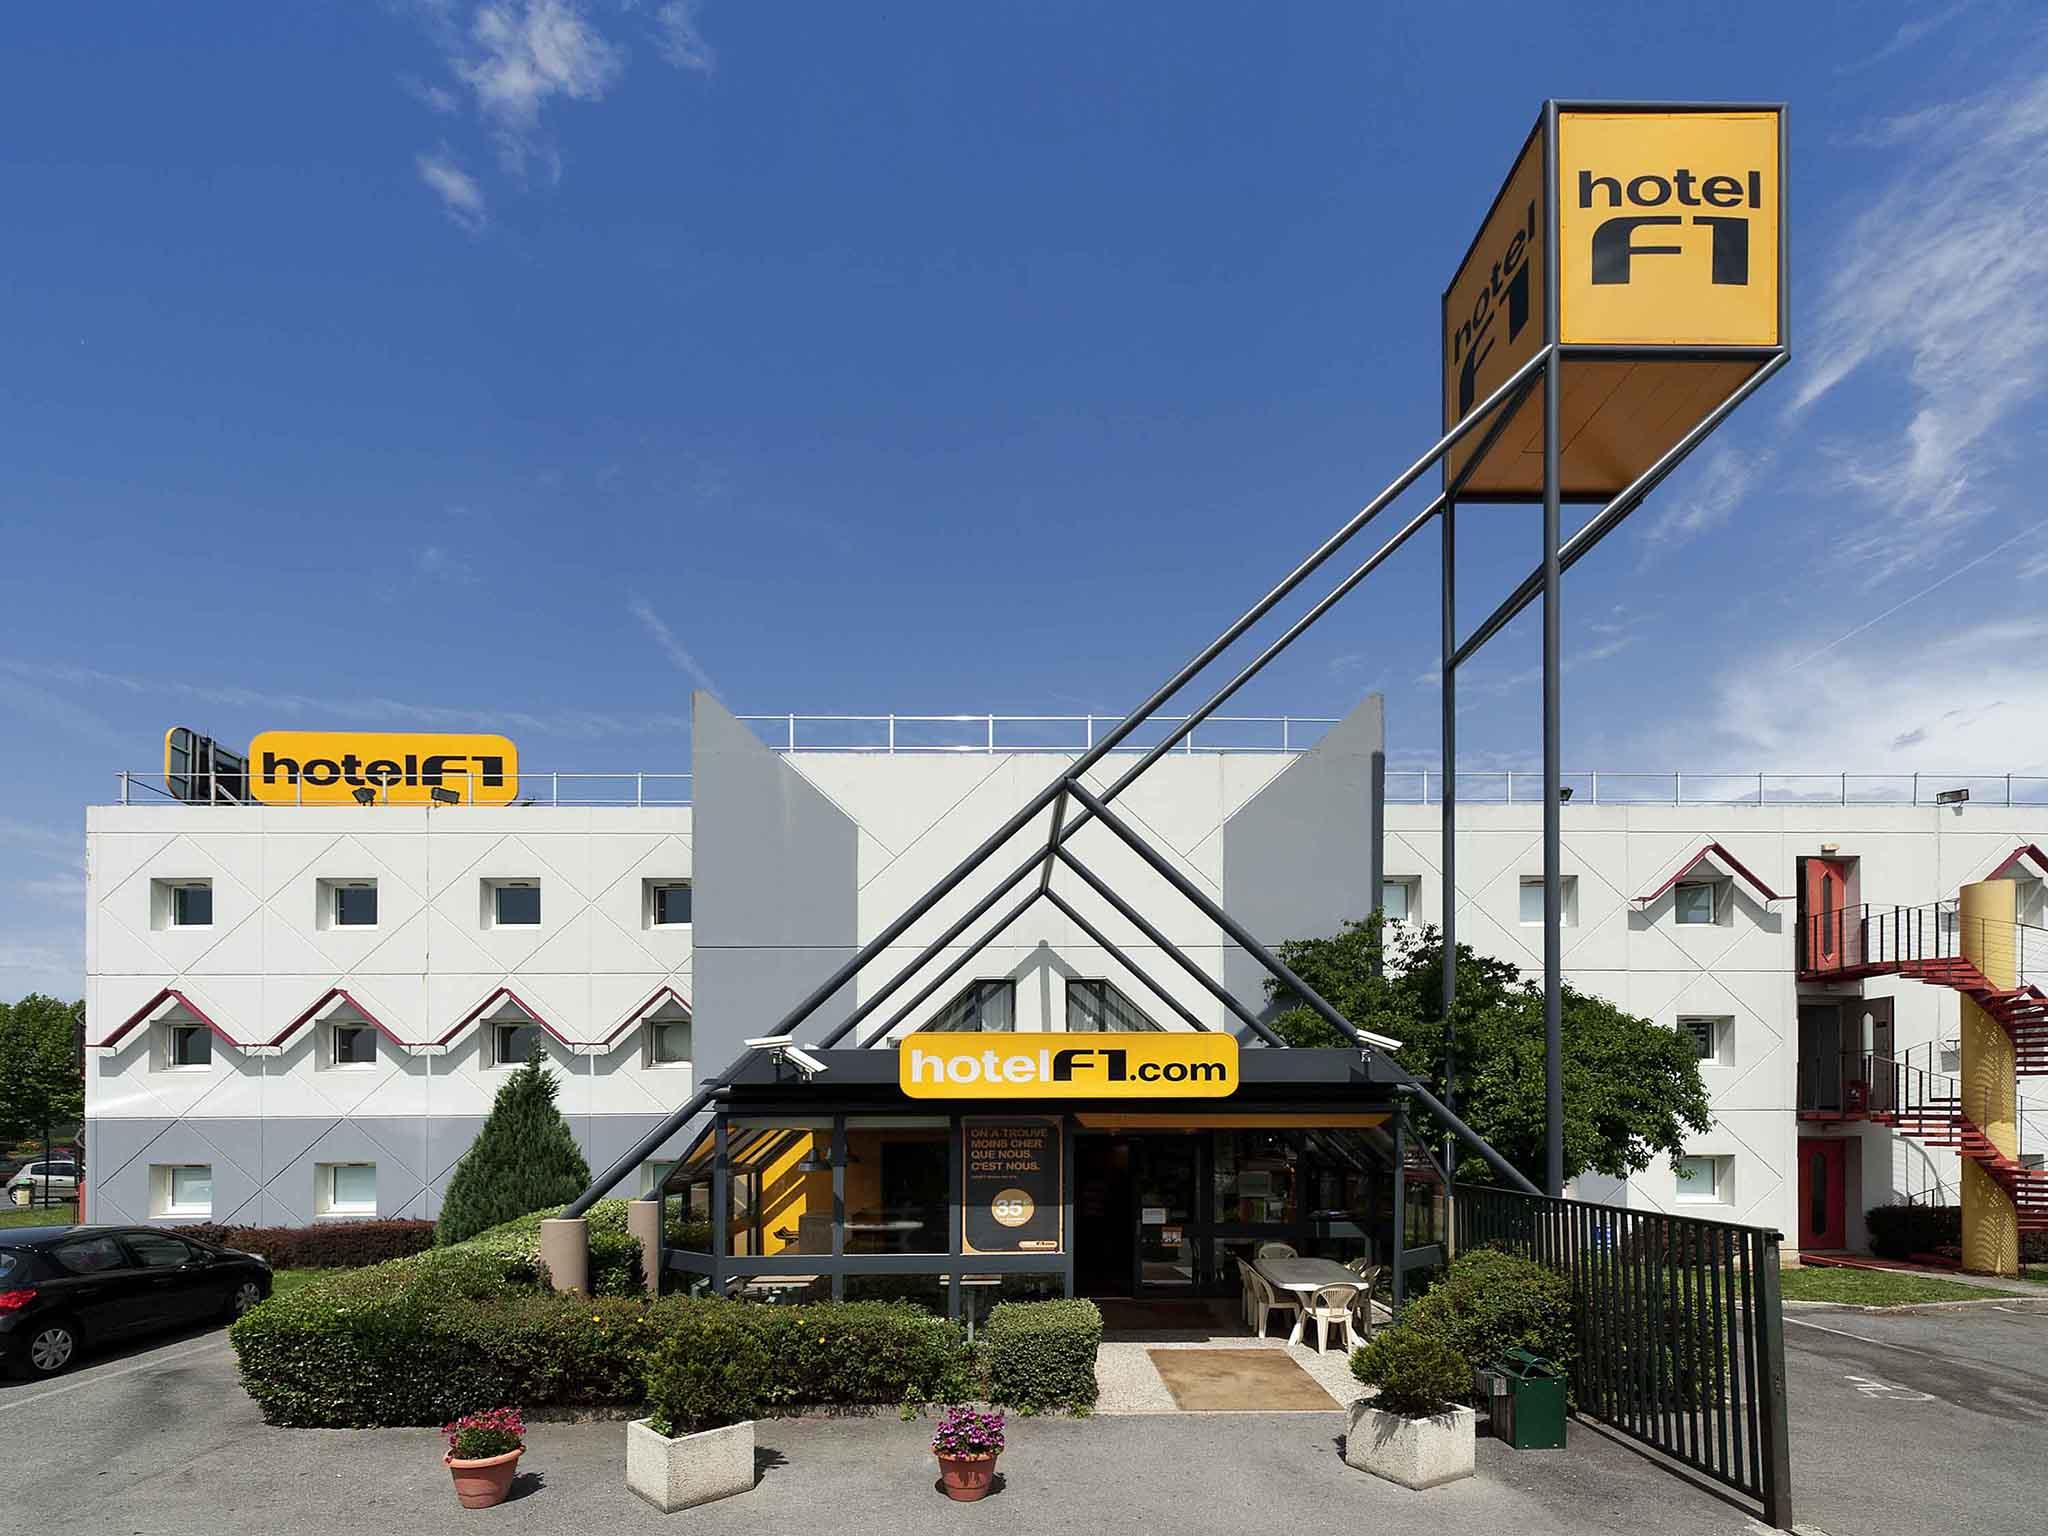 ホテル – hotelF1 Toulon Ouest La-Seyne